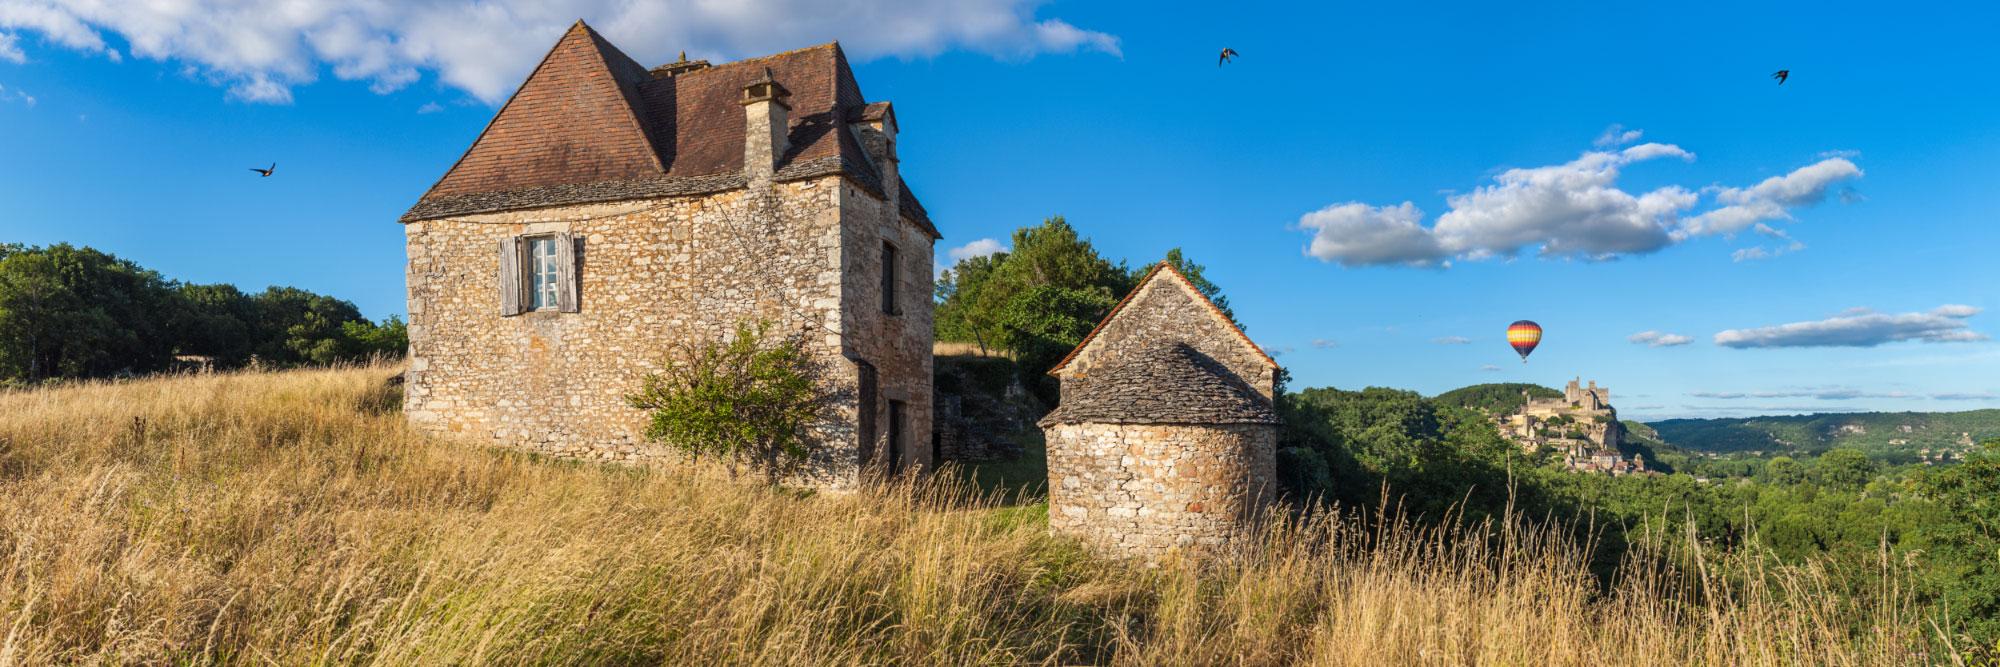 Hirondelles, montgolfière et le village de Beynac-et-Cazenac vu du hameau 'Le Pech', Saint-Vincent-de-Cosse